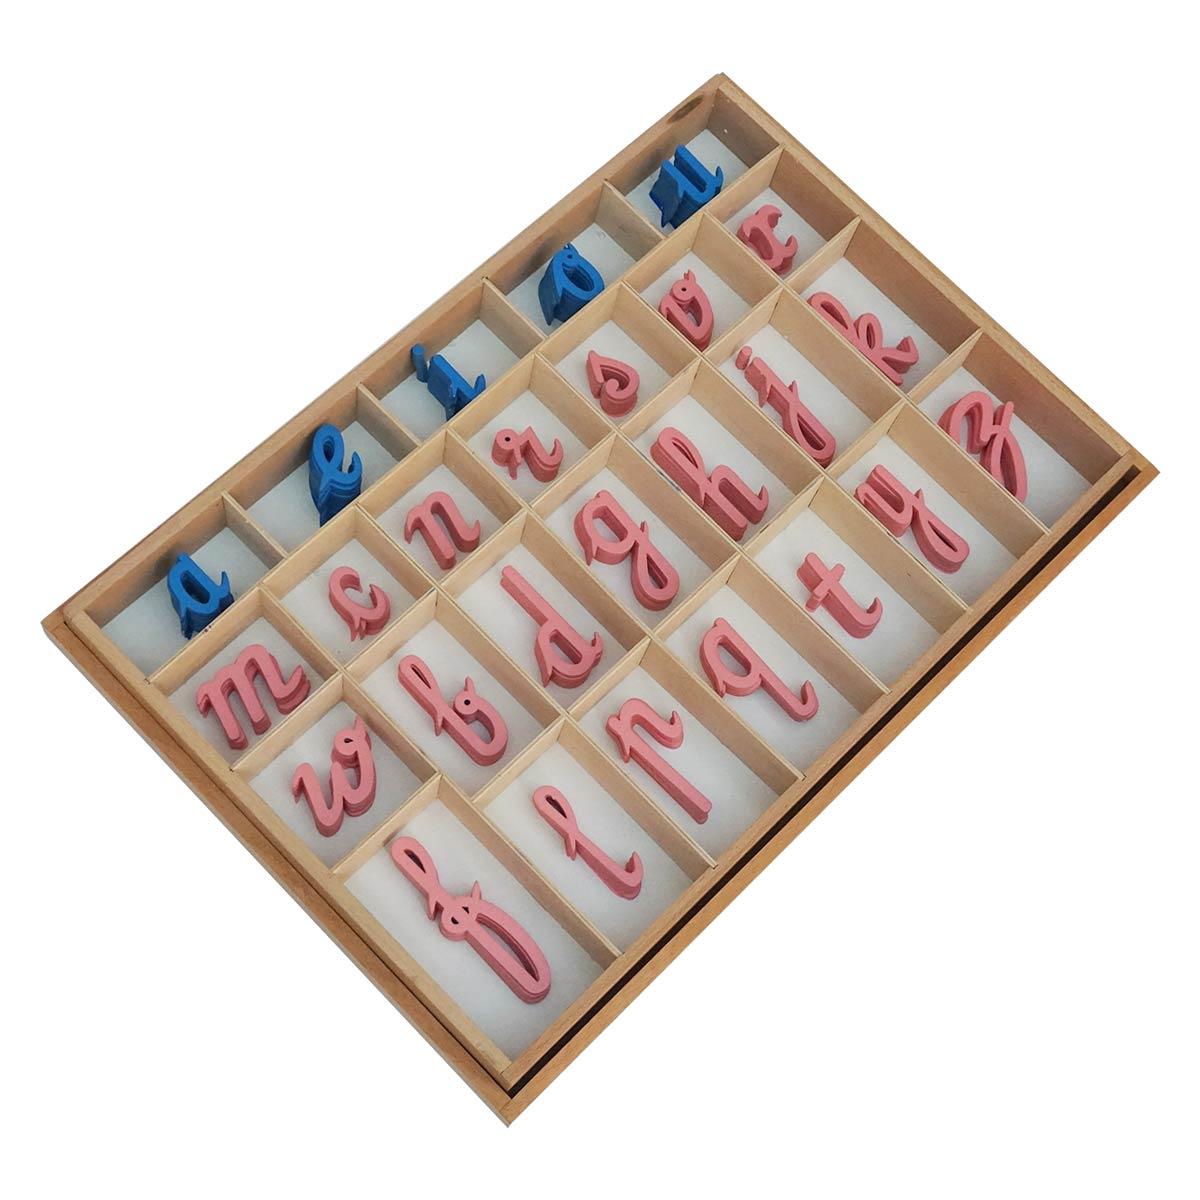 Moveable Alphabet Cursive Large Wooden